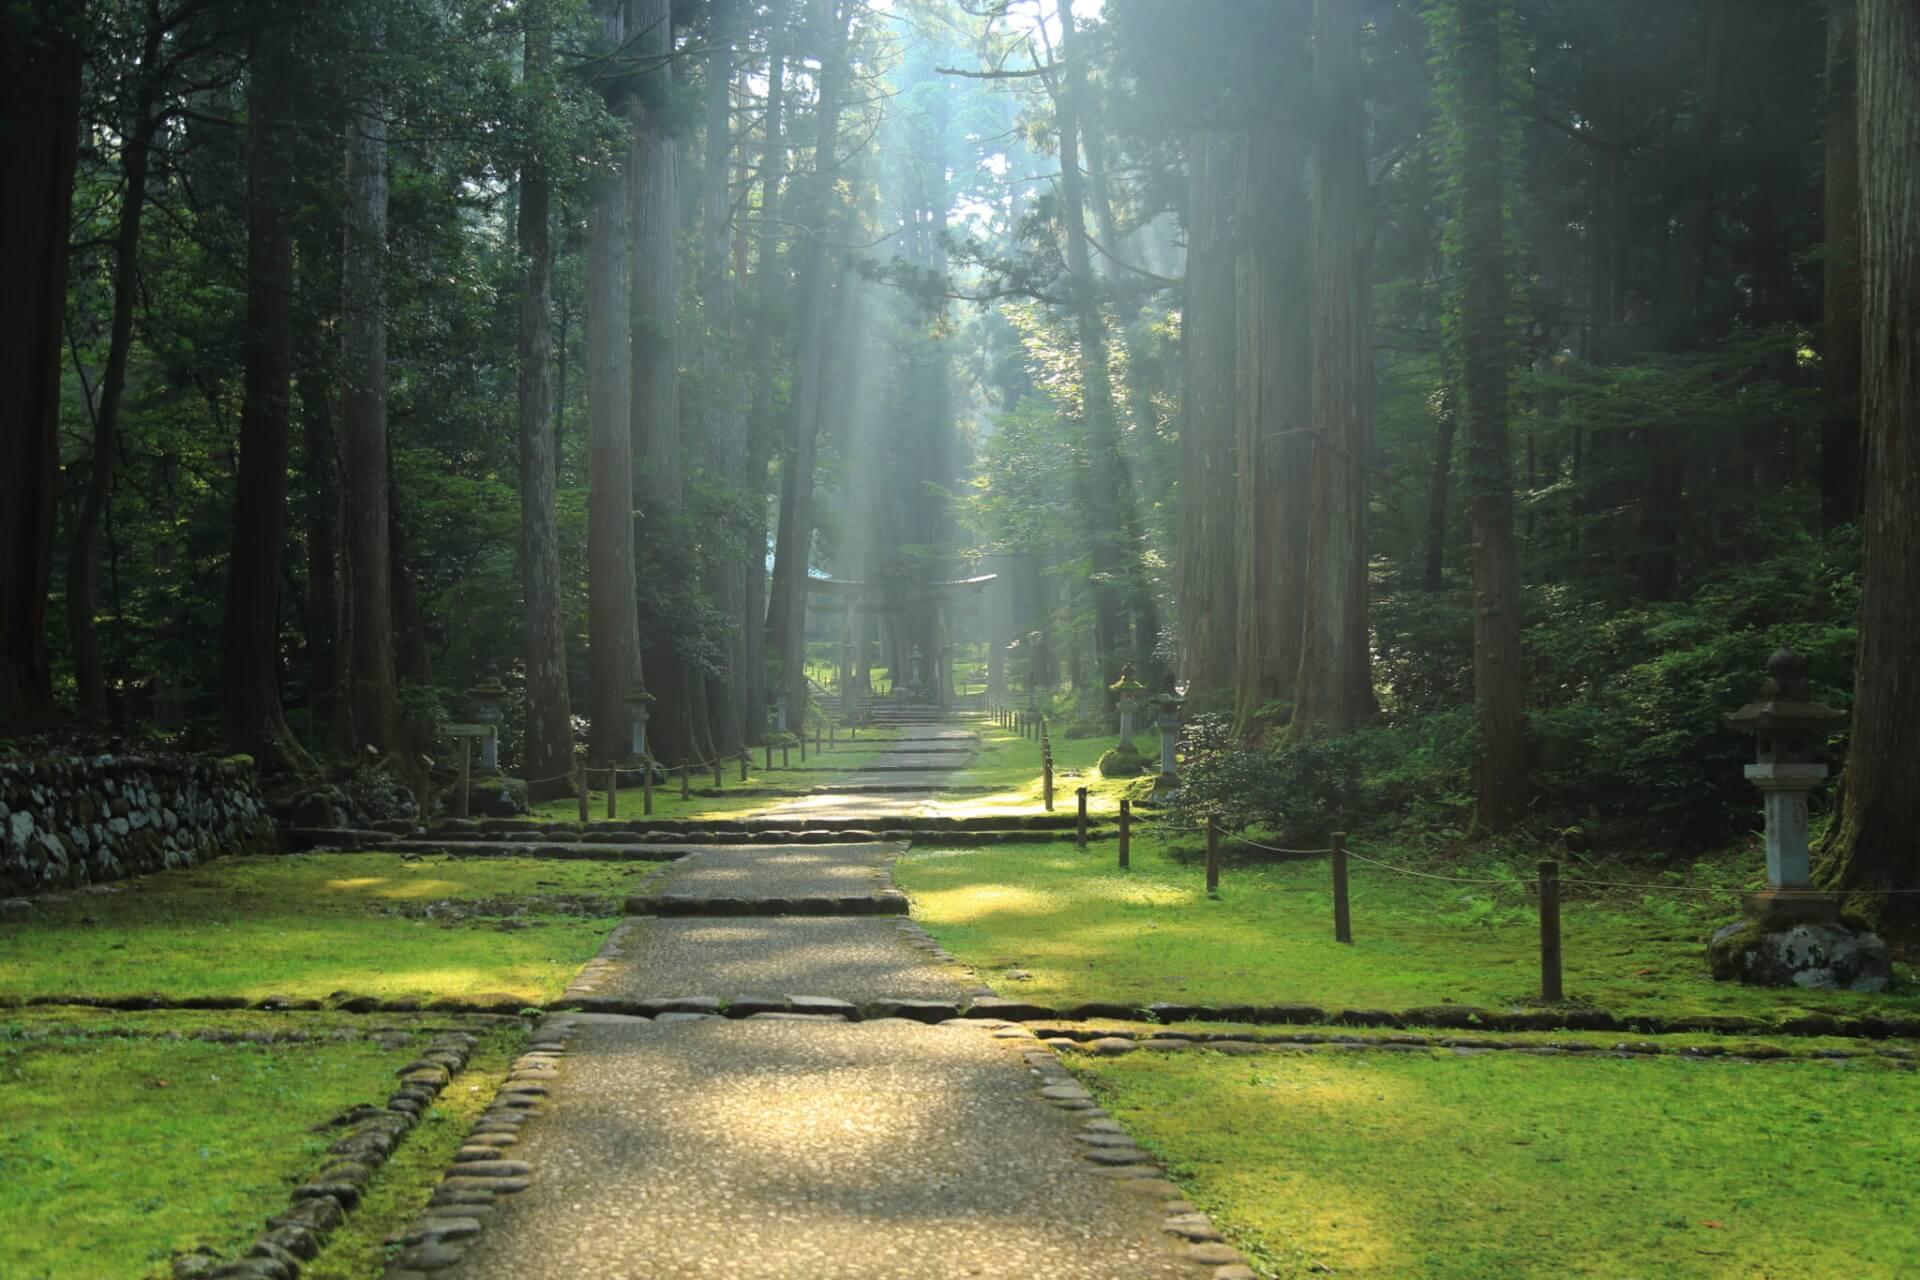 【国内・北陸】 まほろばの苔宮 白山神社平泉寺と宝慶寺、三国湊を歩く 越前滞在の旅